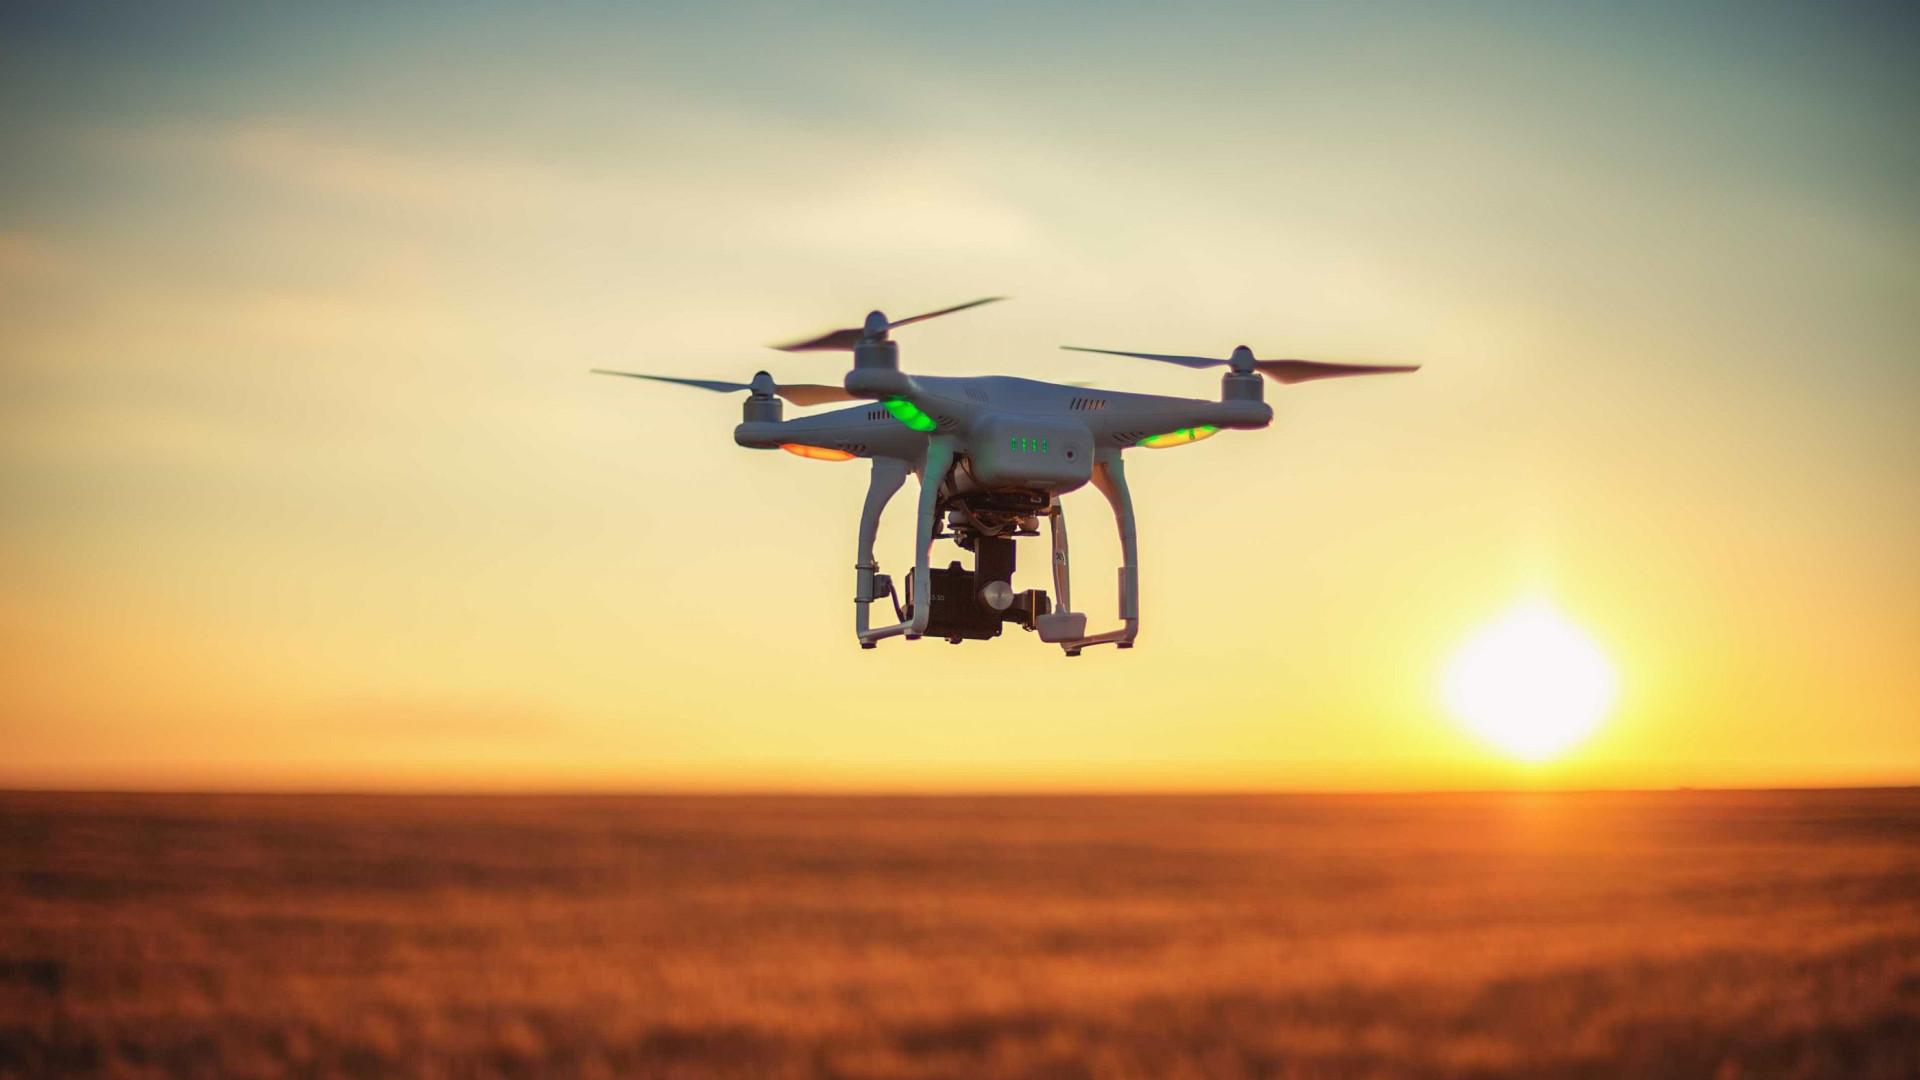 Incidentes com drones ultrapassaram os registados nos últimos cinco anos